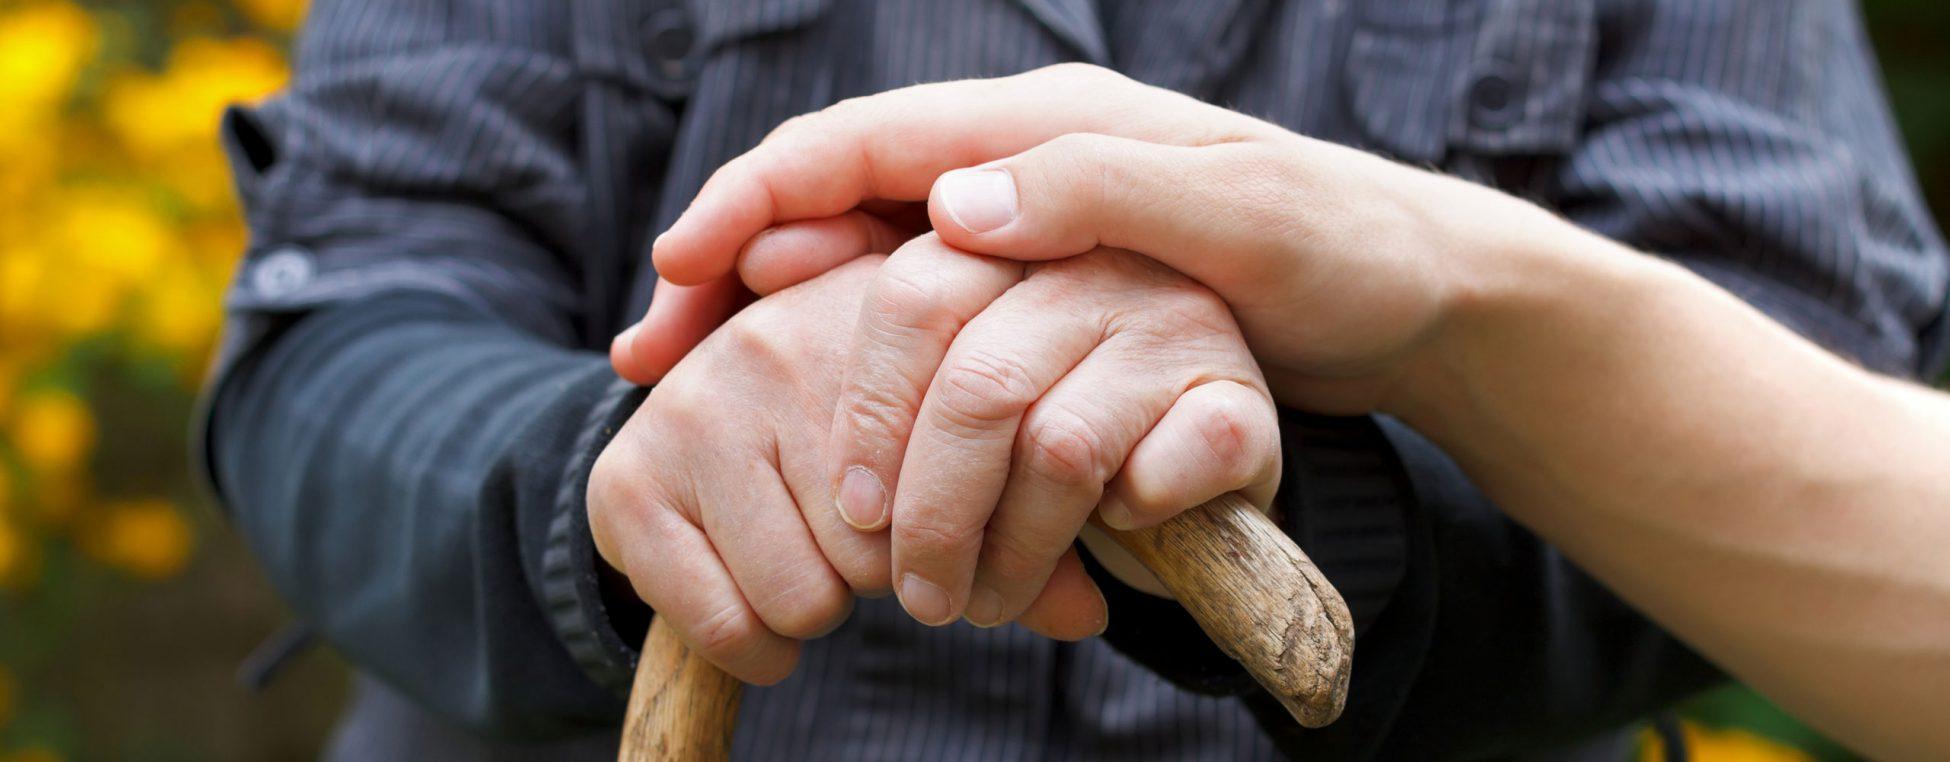 Eine Hand liegt auf den Händen eines ältern Herren.